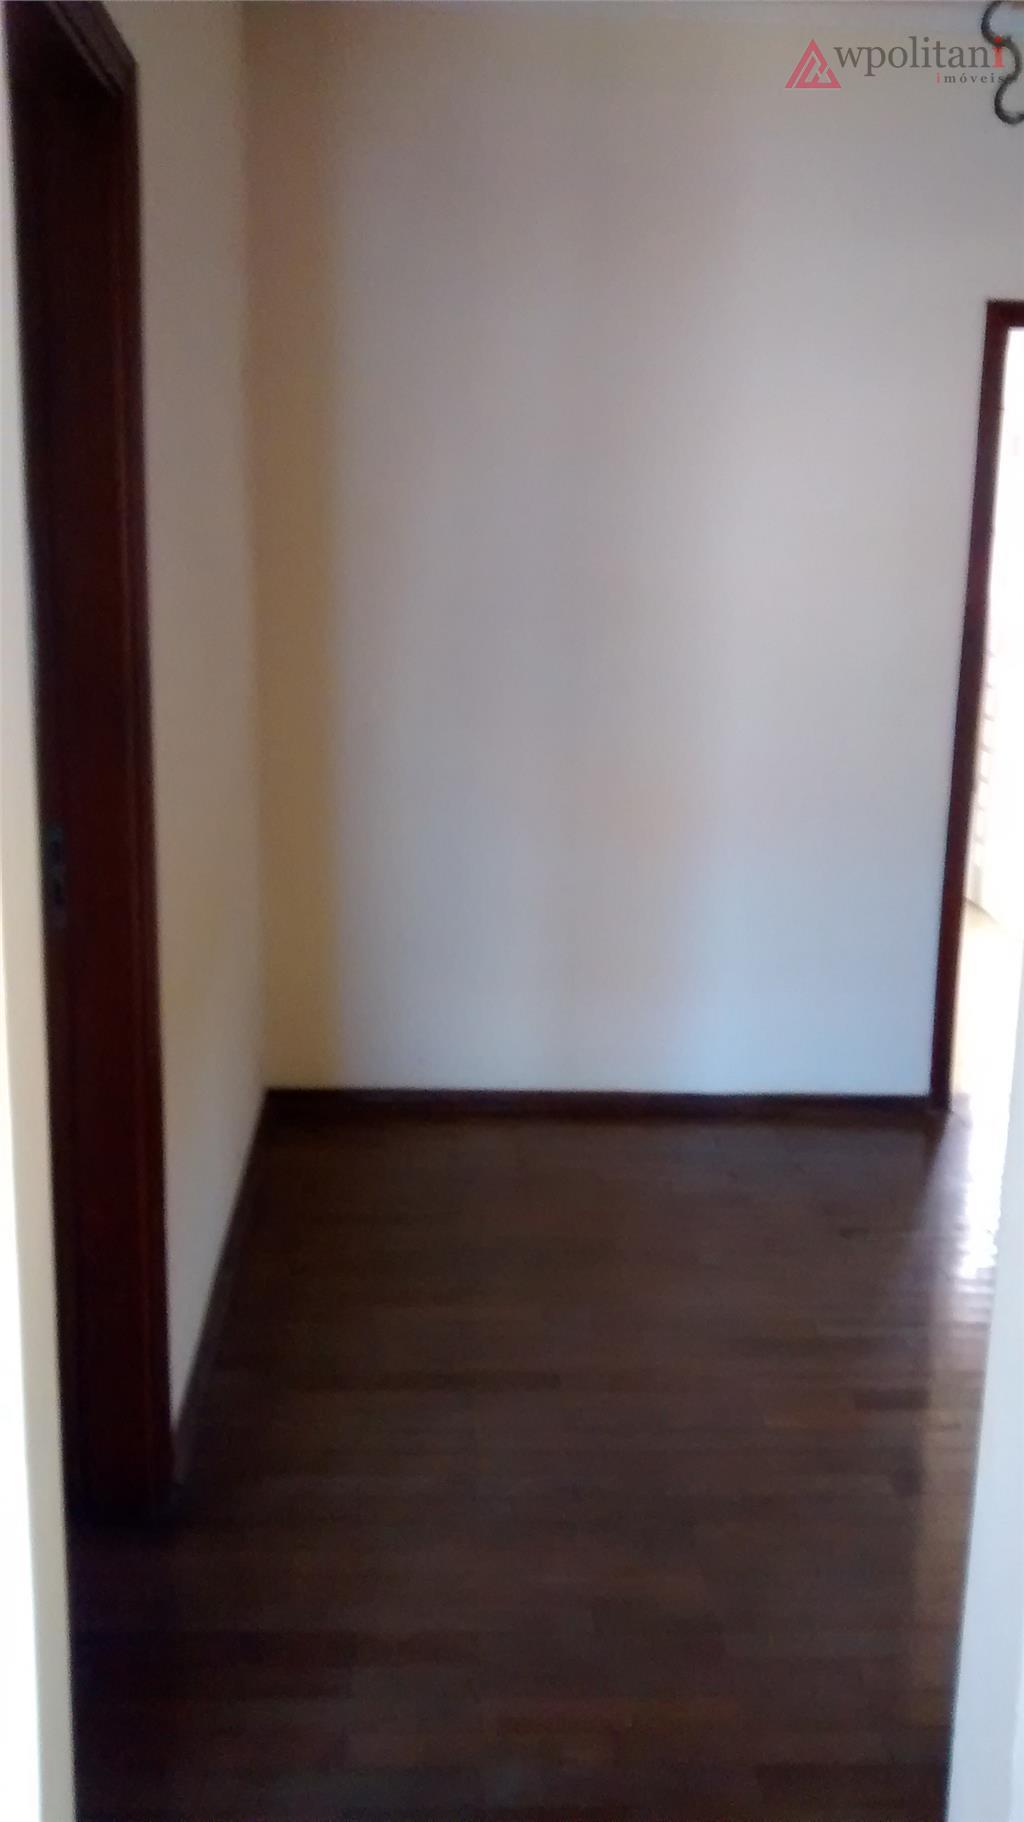 centro - casa - 2 dormitórios, sala, copa, cozinha ampla, área de serviço, quintal com rancho...